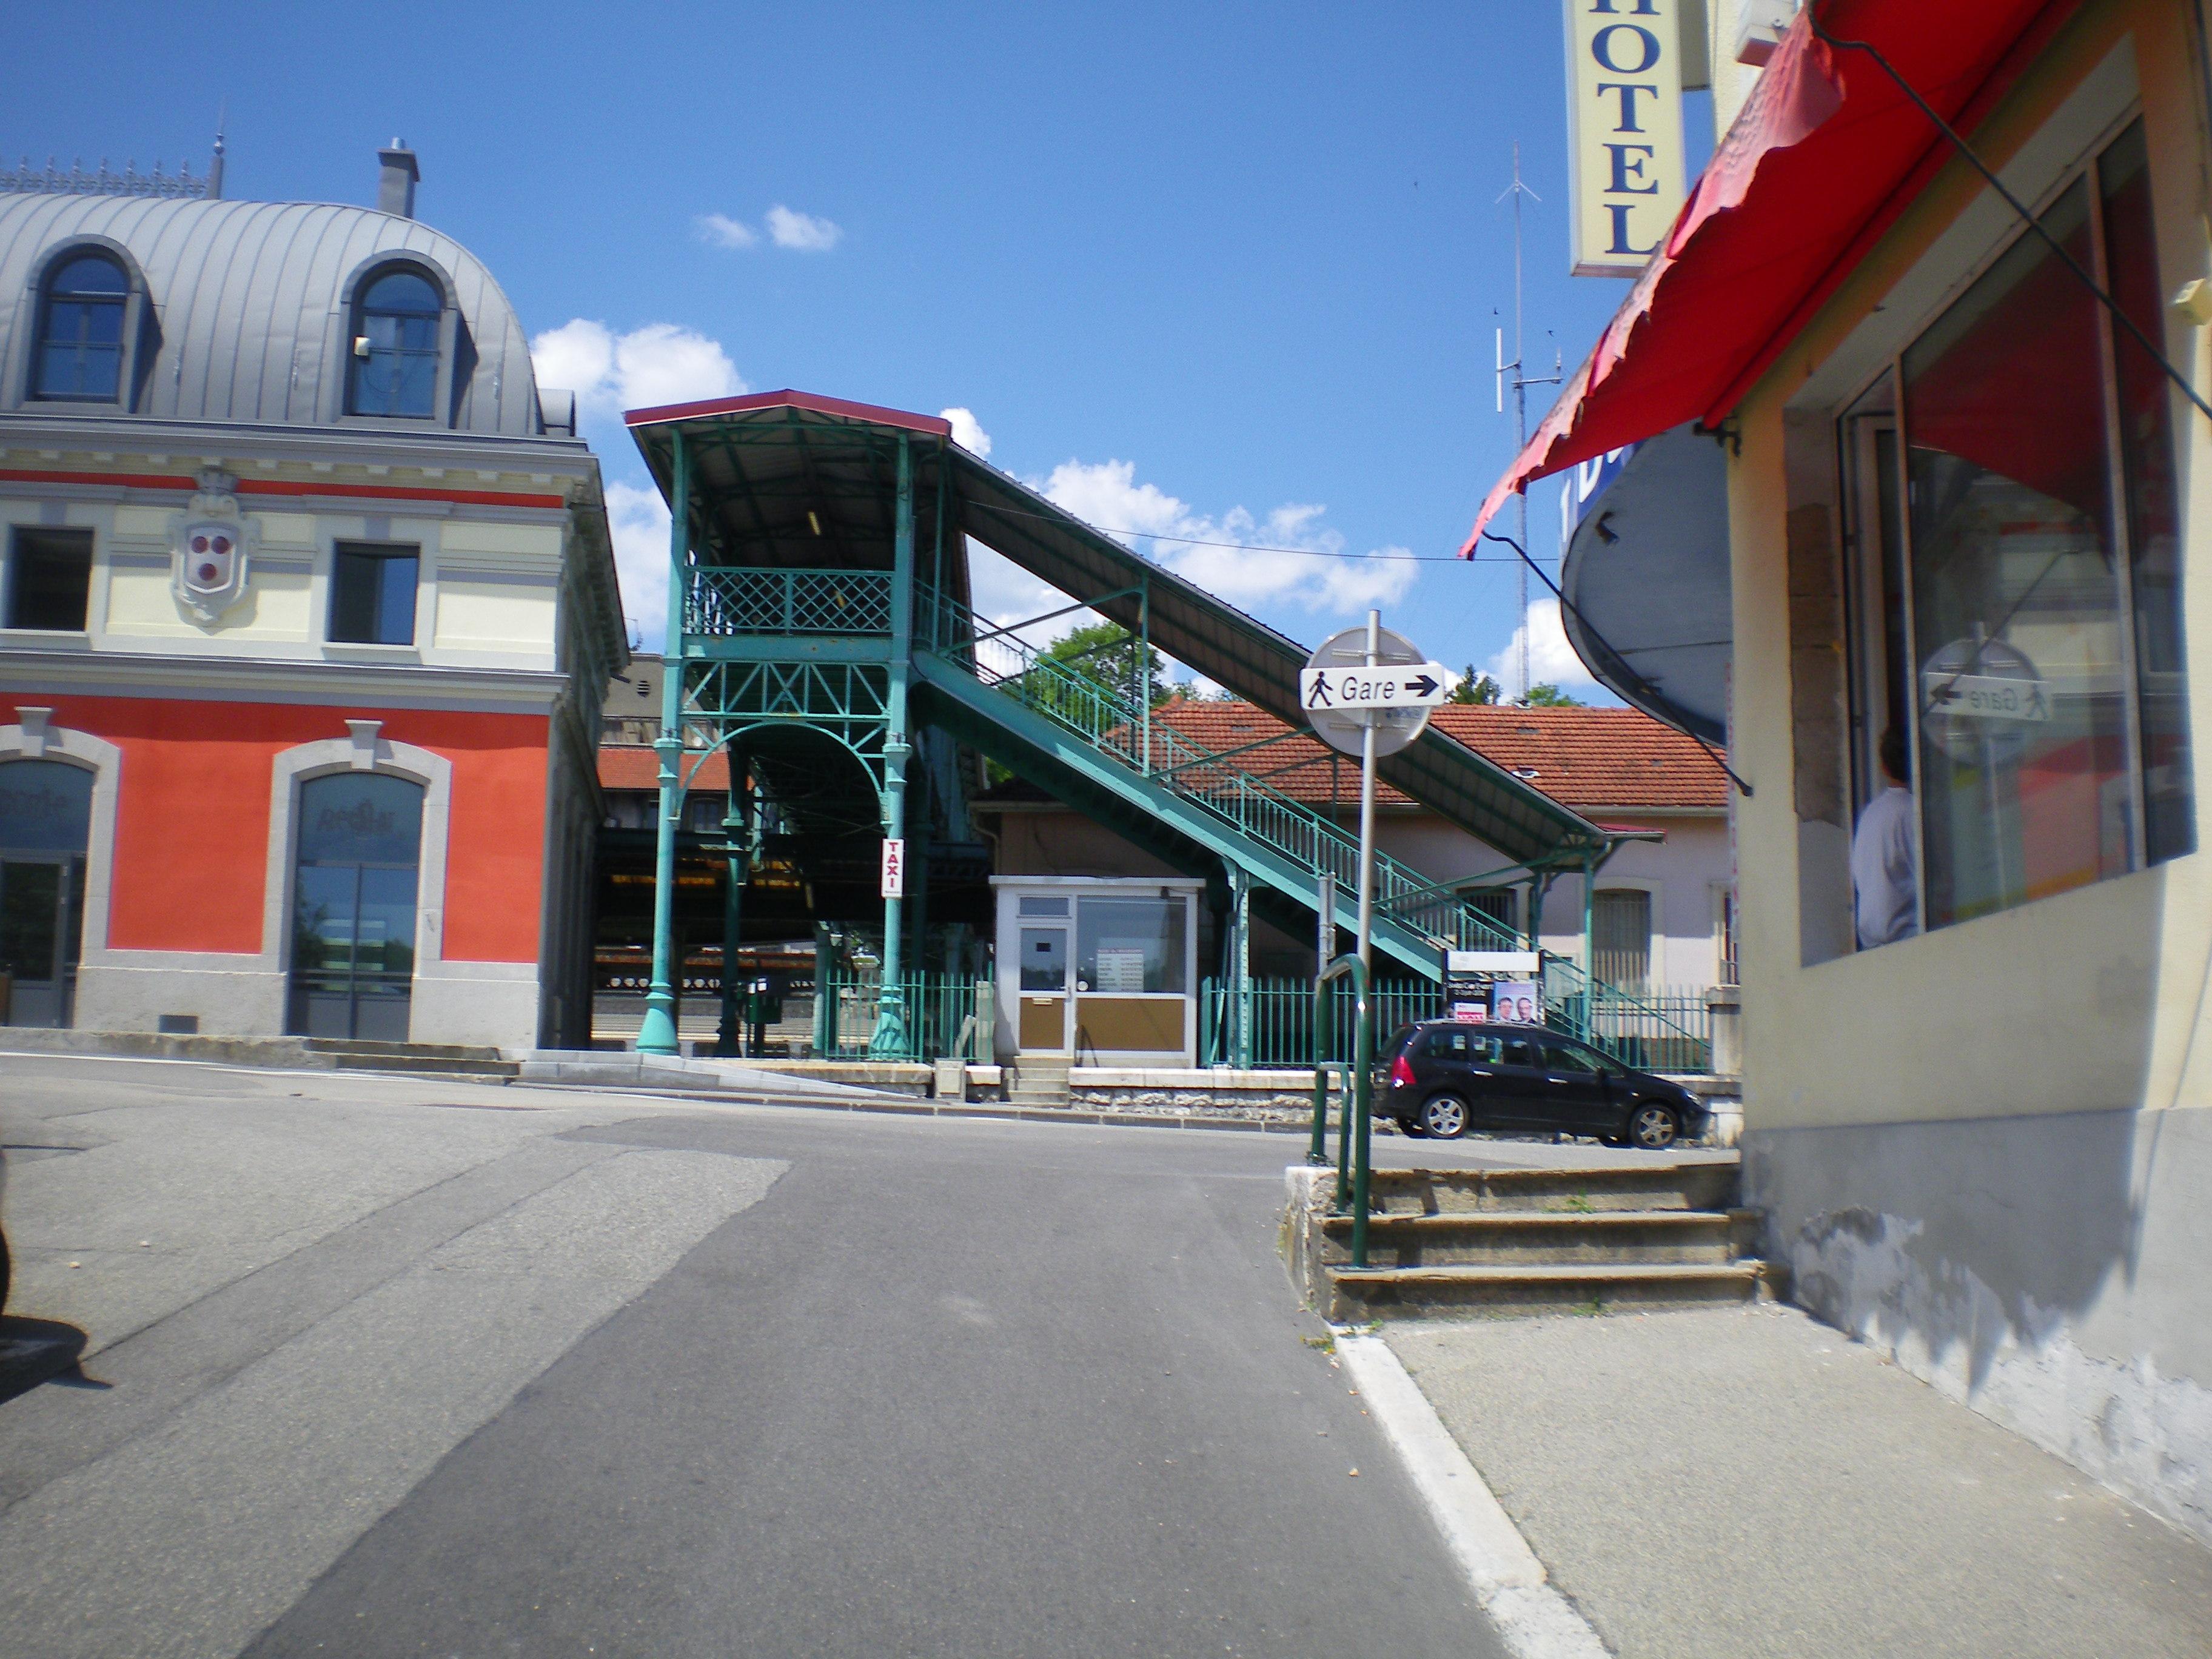 Hotel Bellegarde Sur Valserine Gare